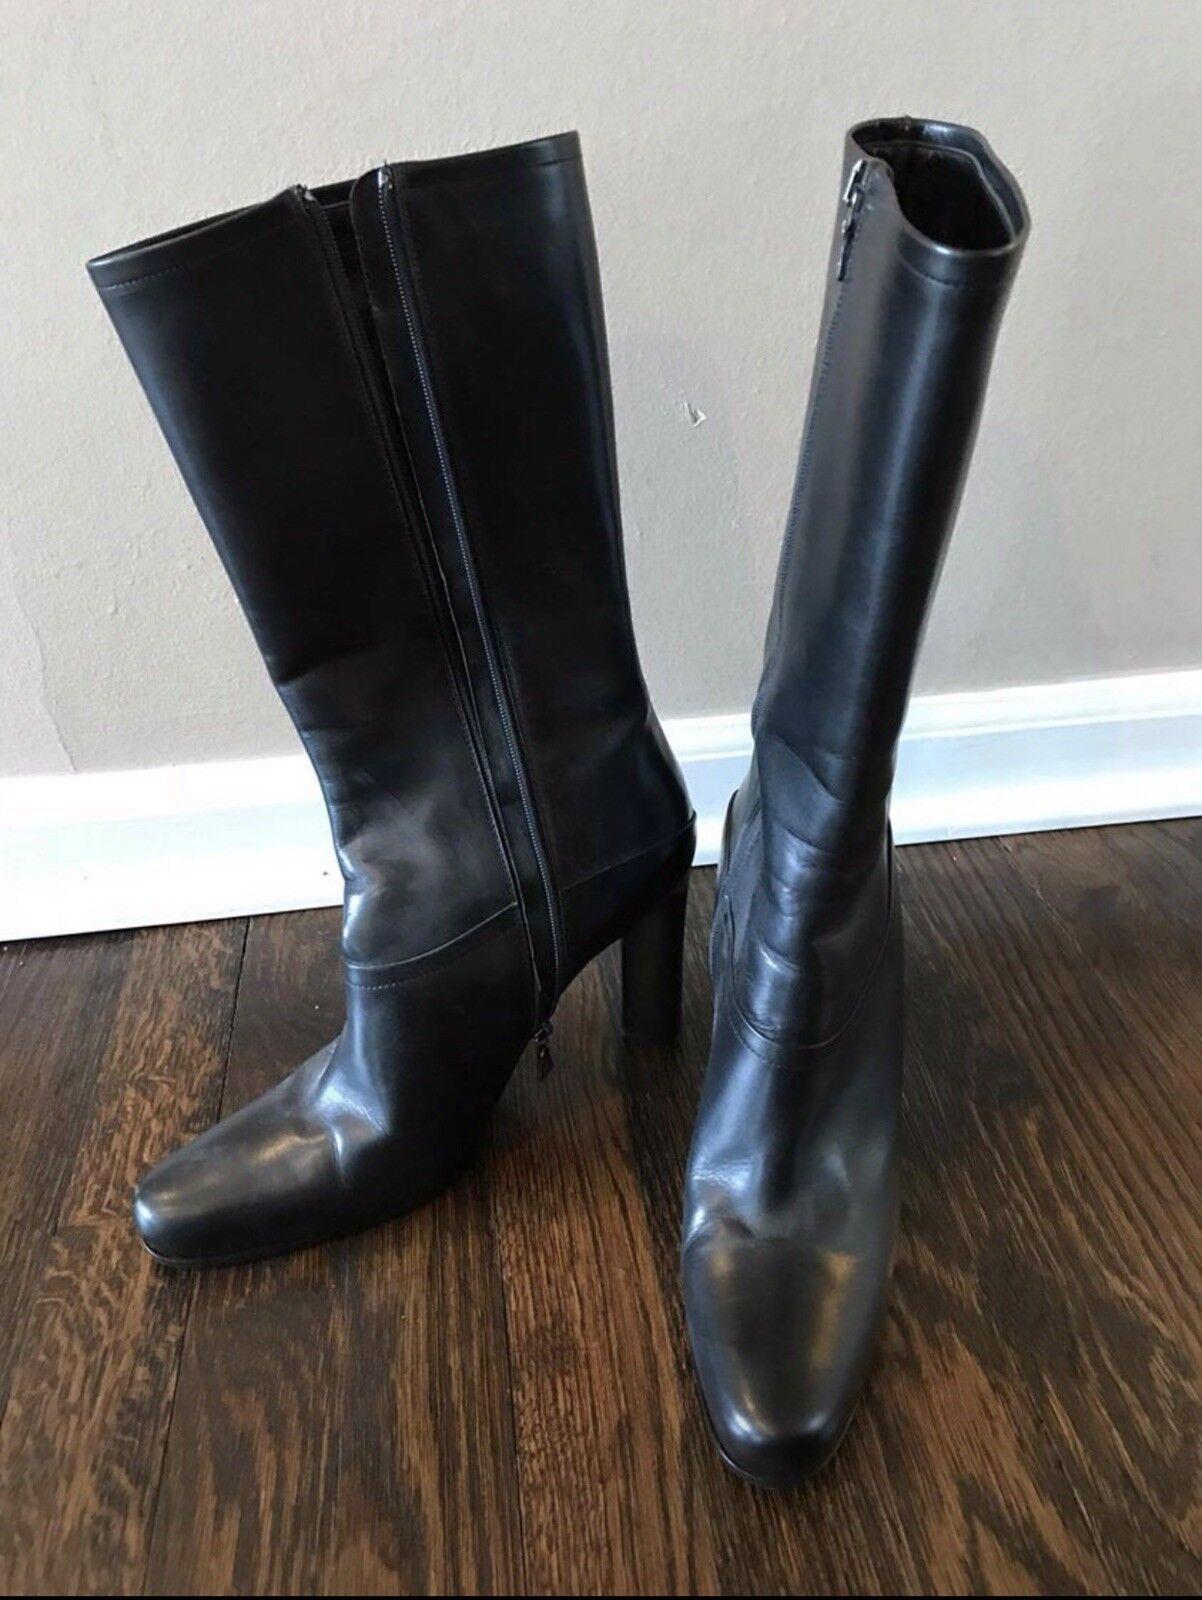 Cuero Negro botas De Prada 39 39 39  la red entera más baja